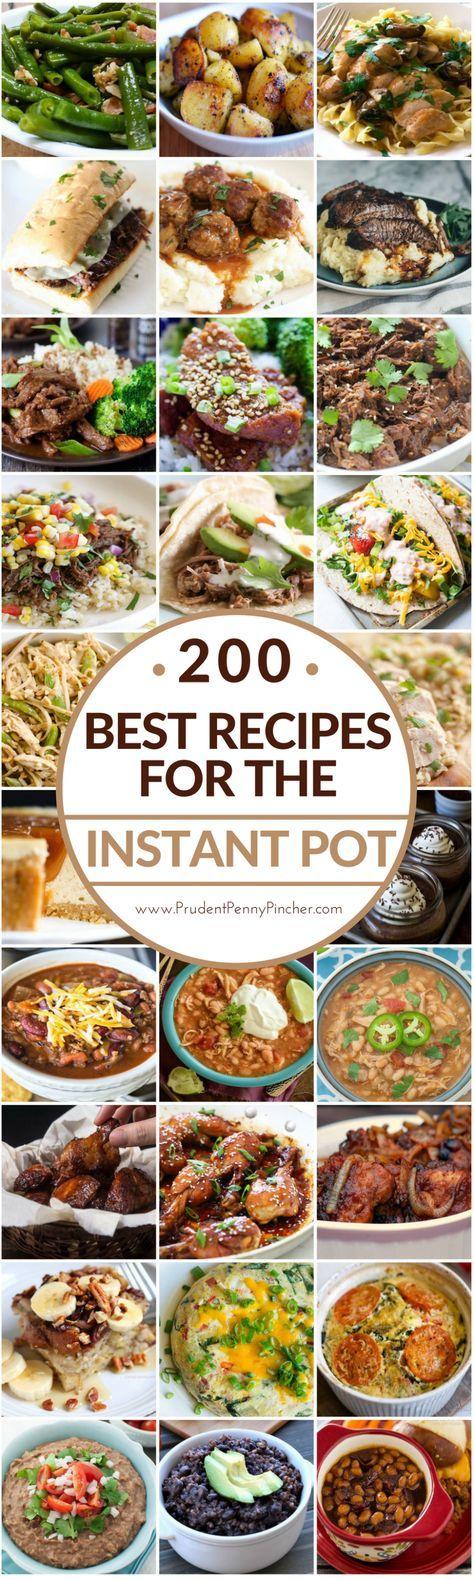 200 Best Instant Pot Recipes #instantpotrecipes